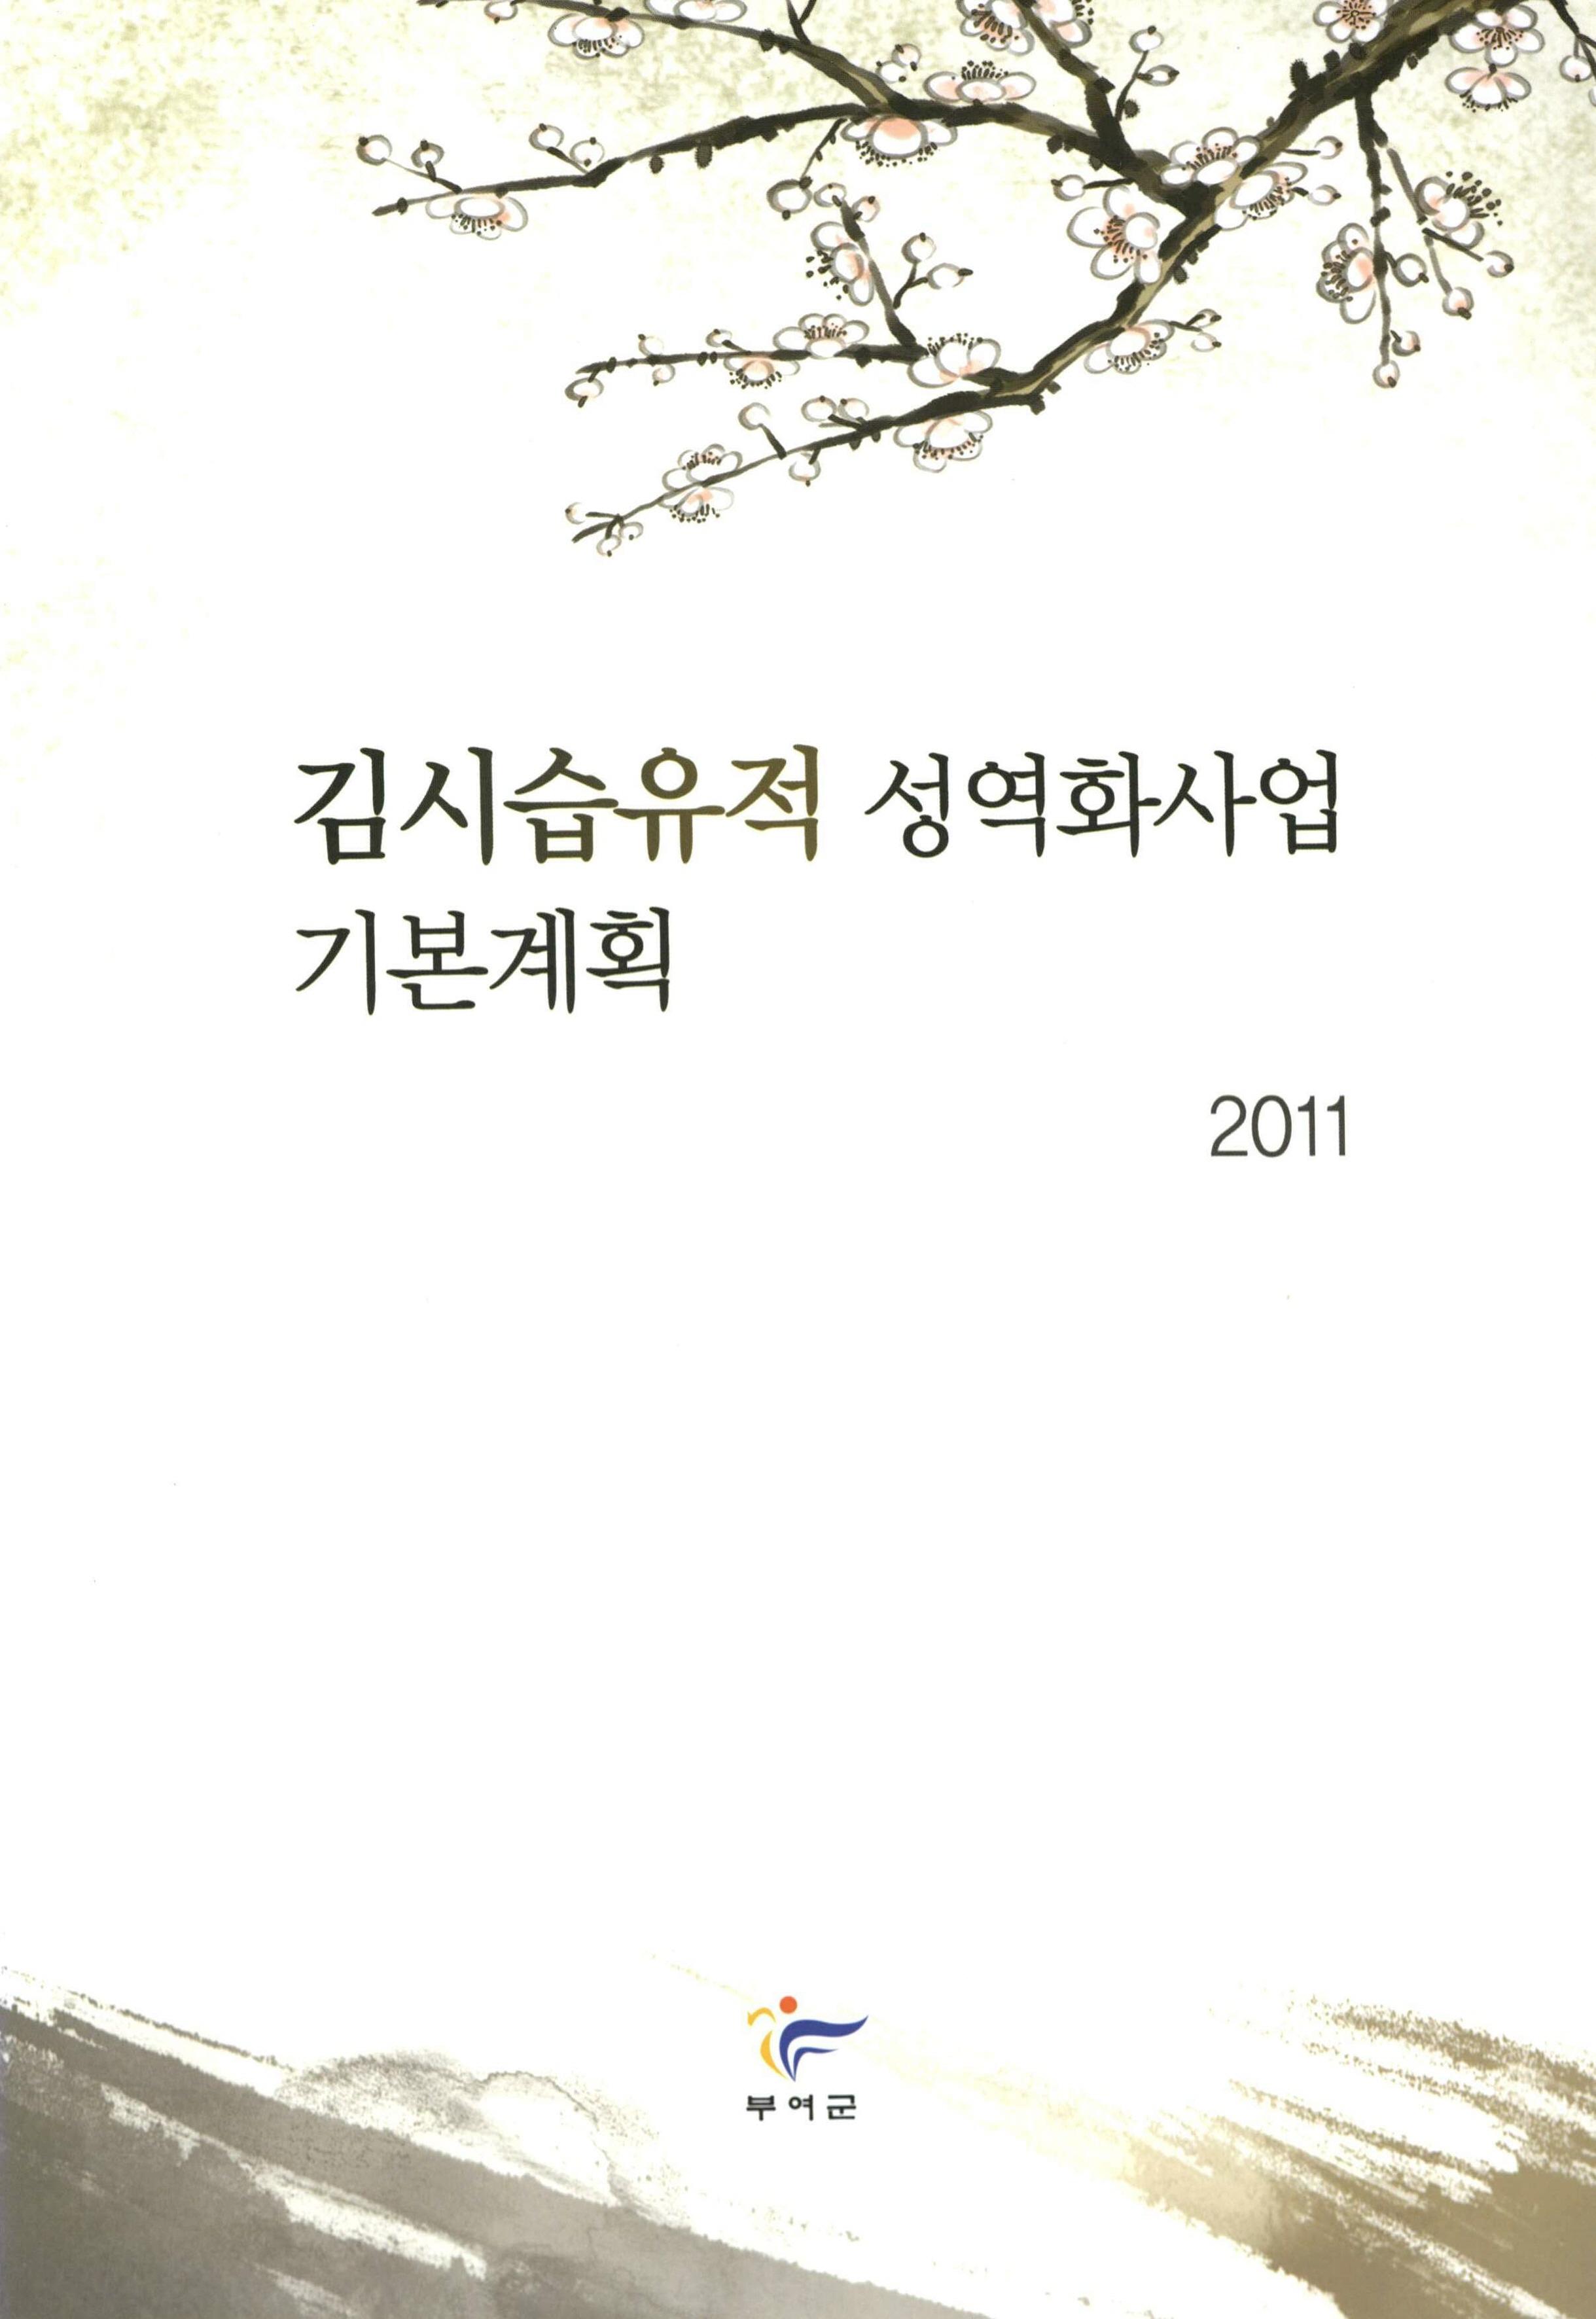 김시습유적 성역화사업 기본계획